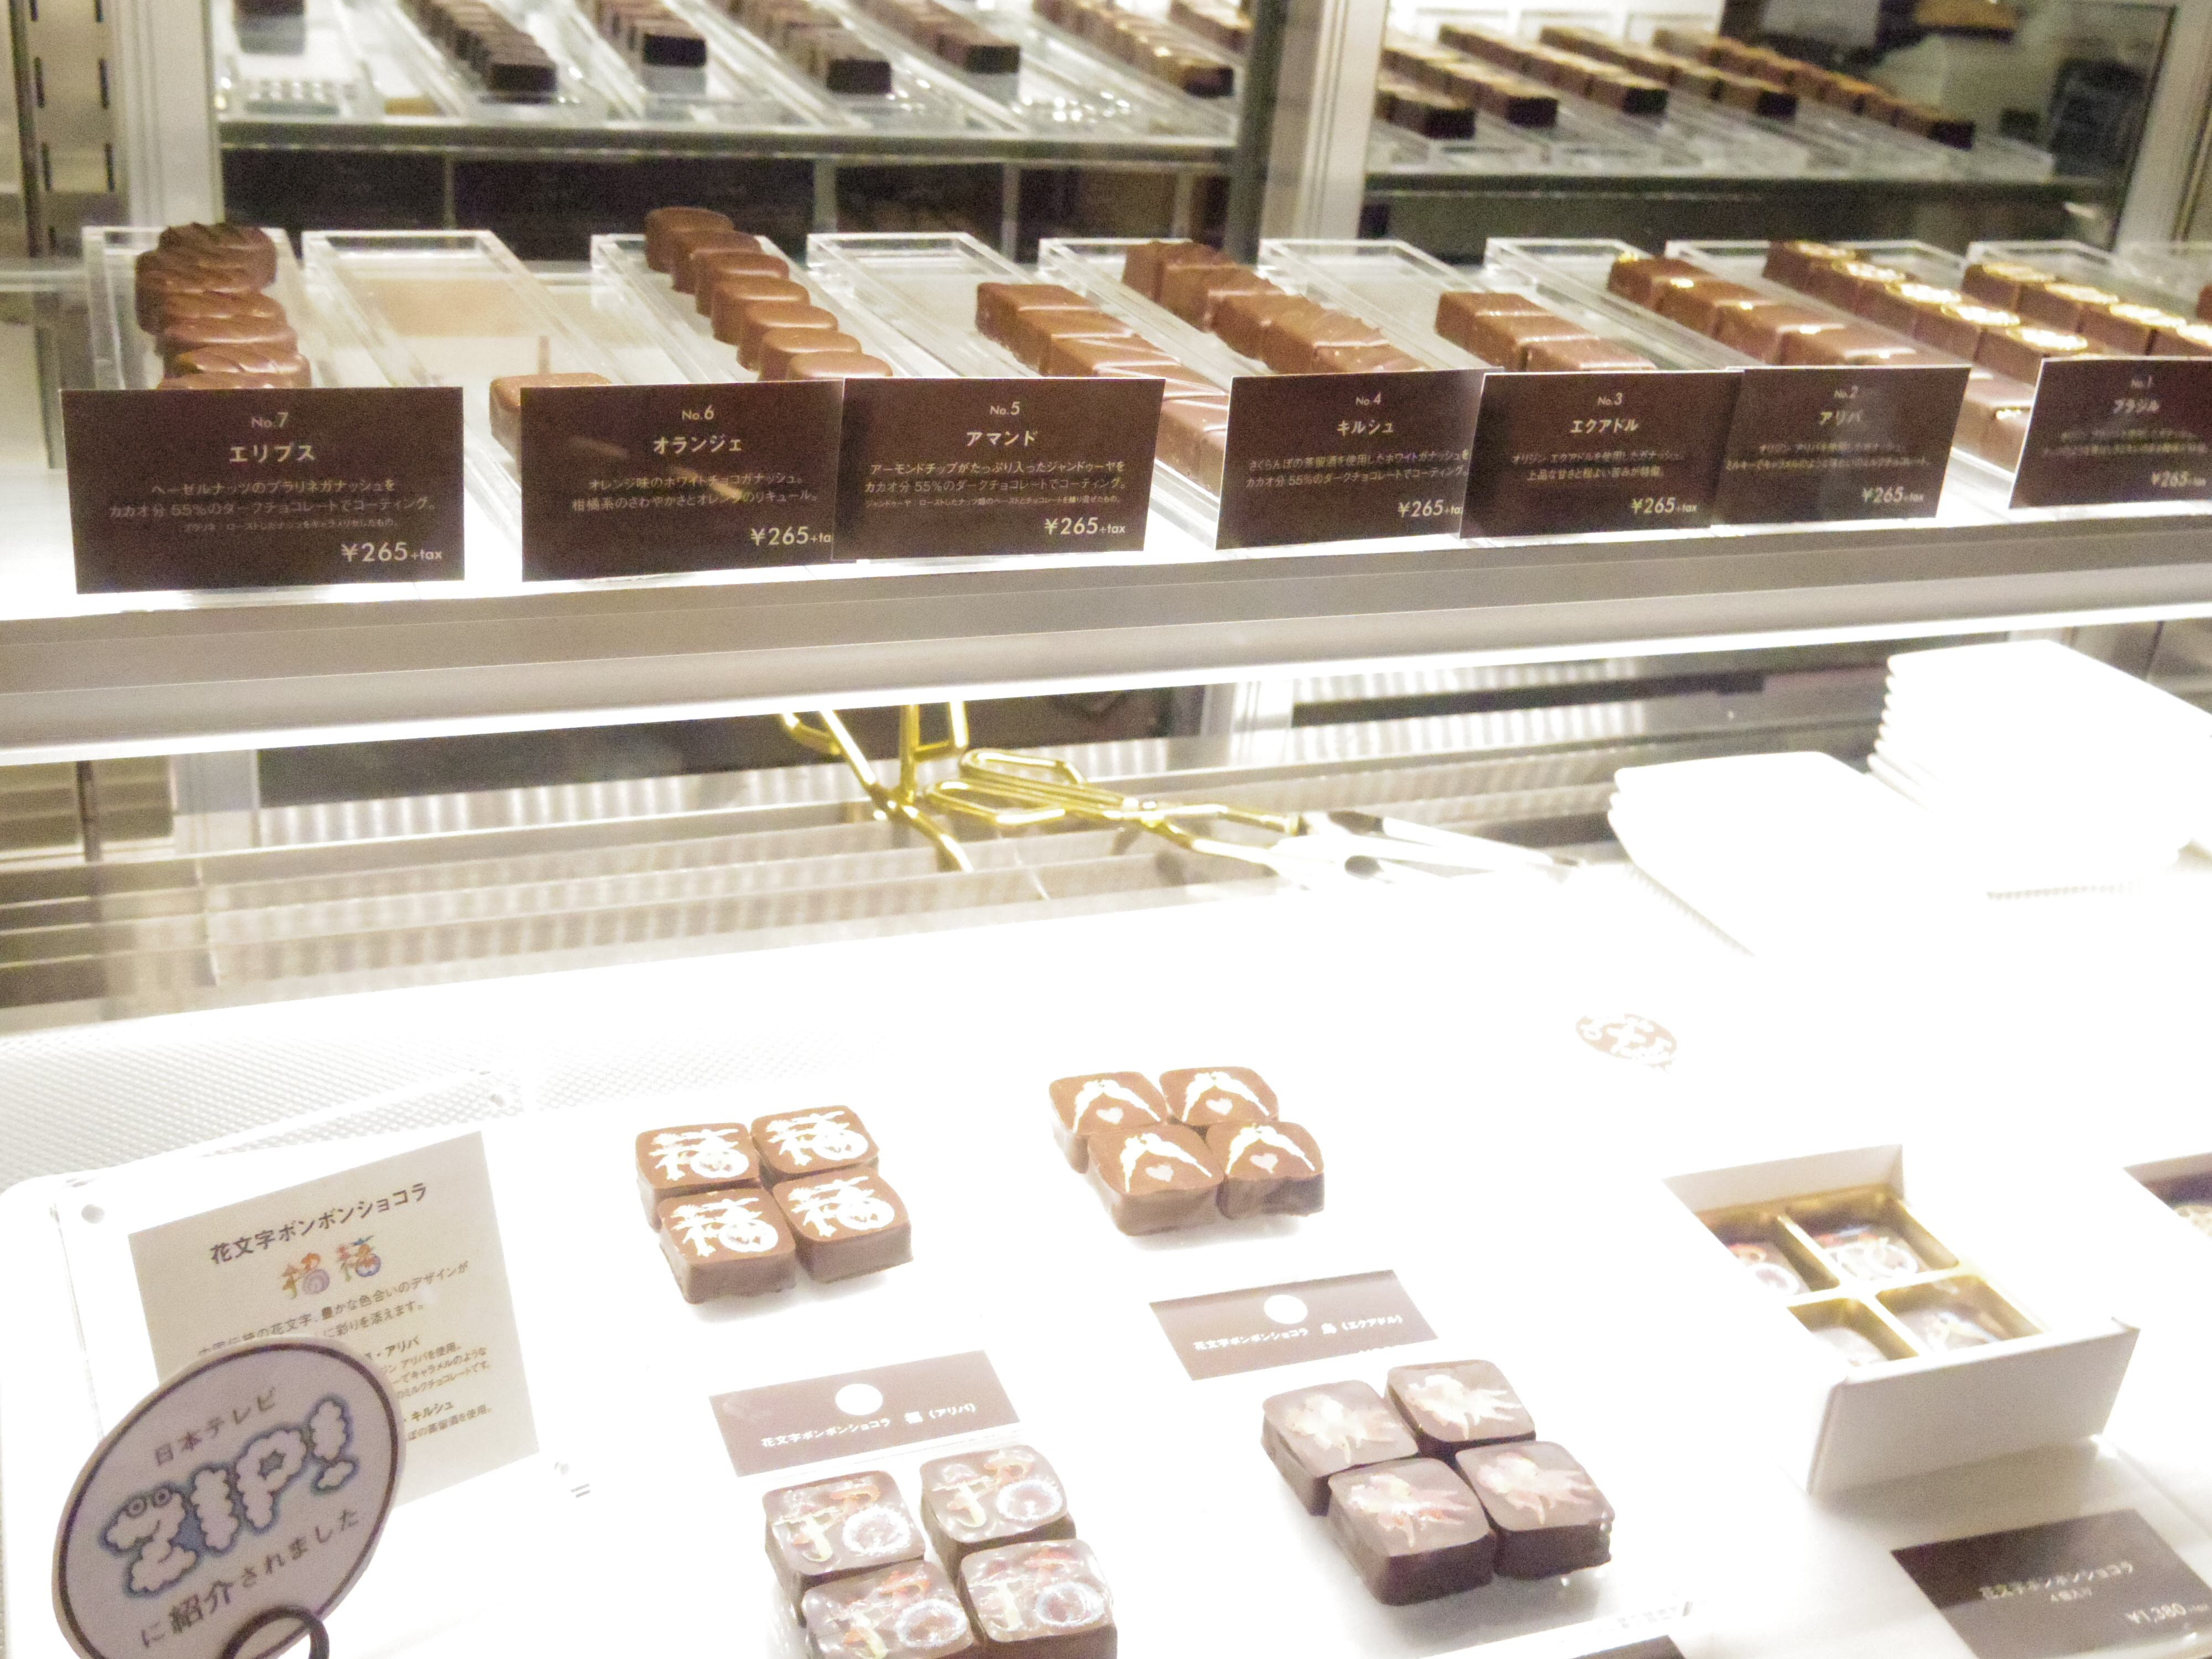 【食べるだけじゃない!】横浜のチョコレートファクトリーに行ってきた♡_5